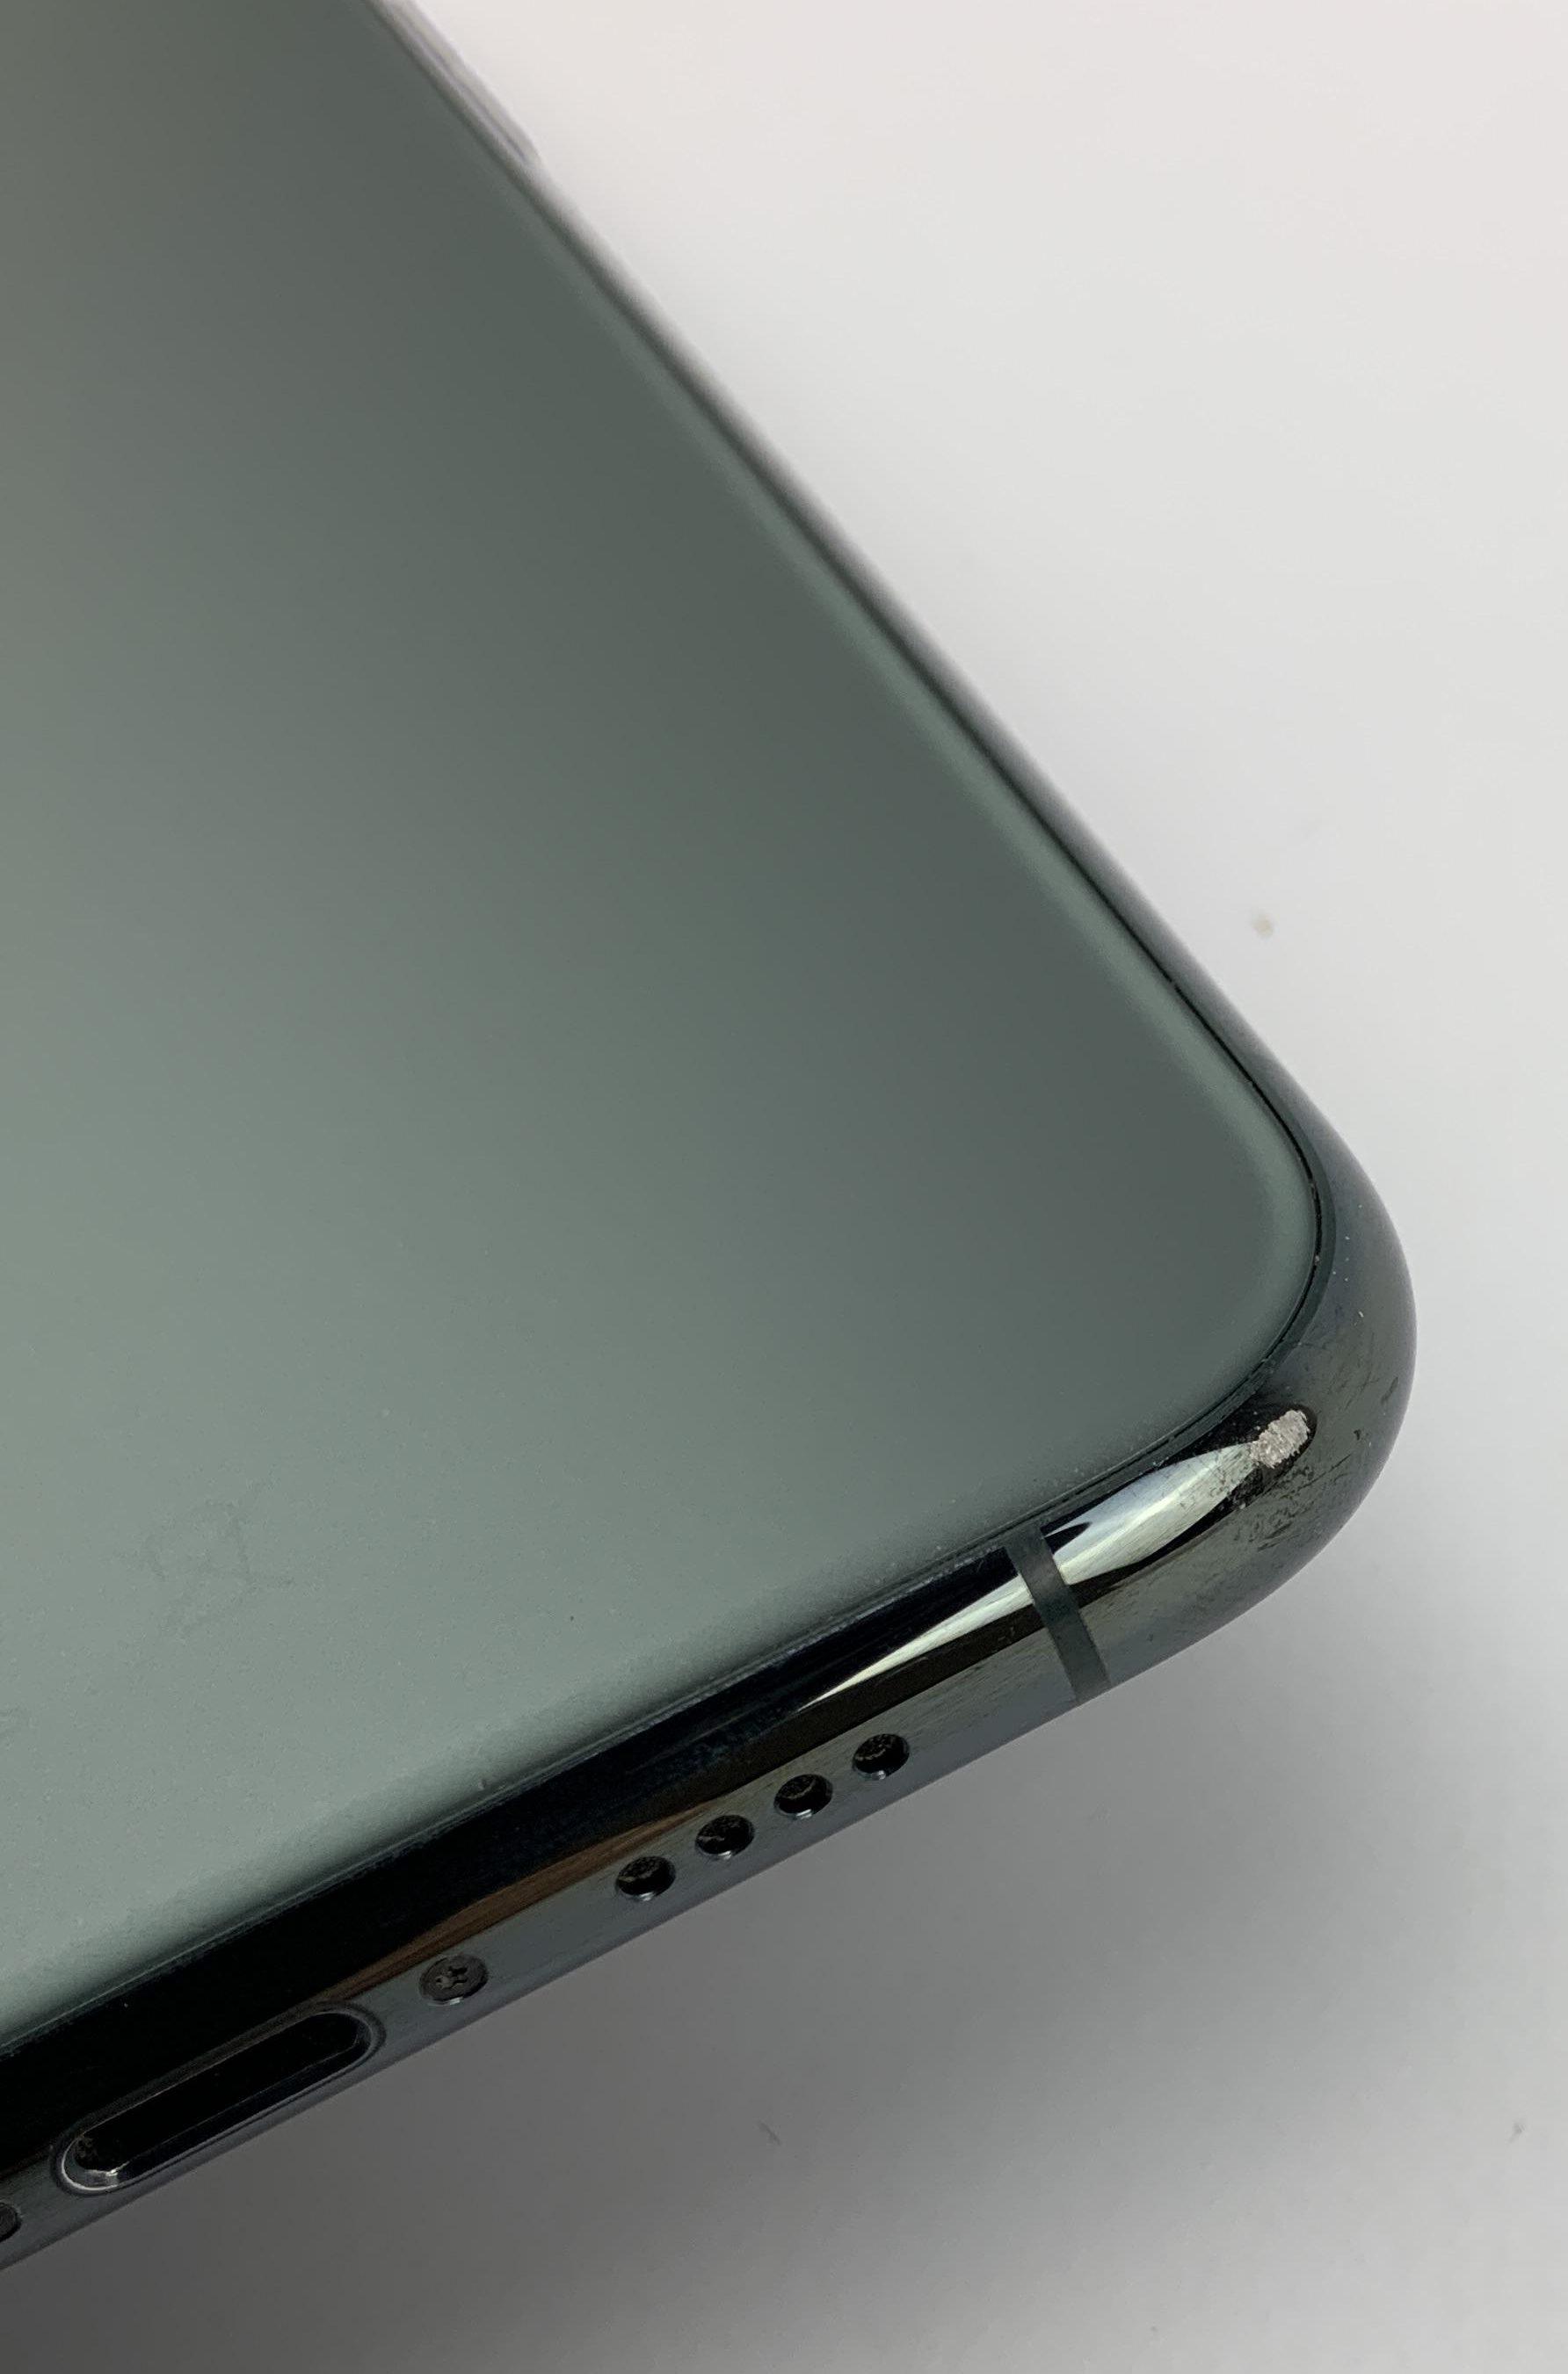 iPhone 11 Pro Max 64GB, 64GB, Midnight Green, Bild 4